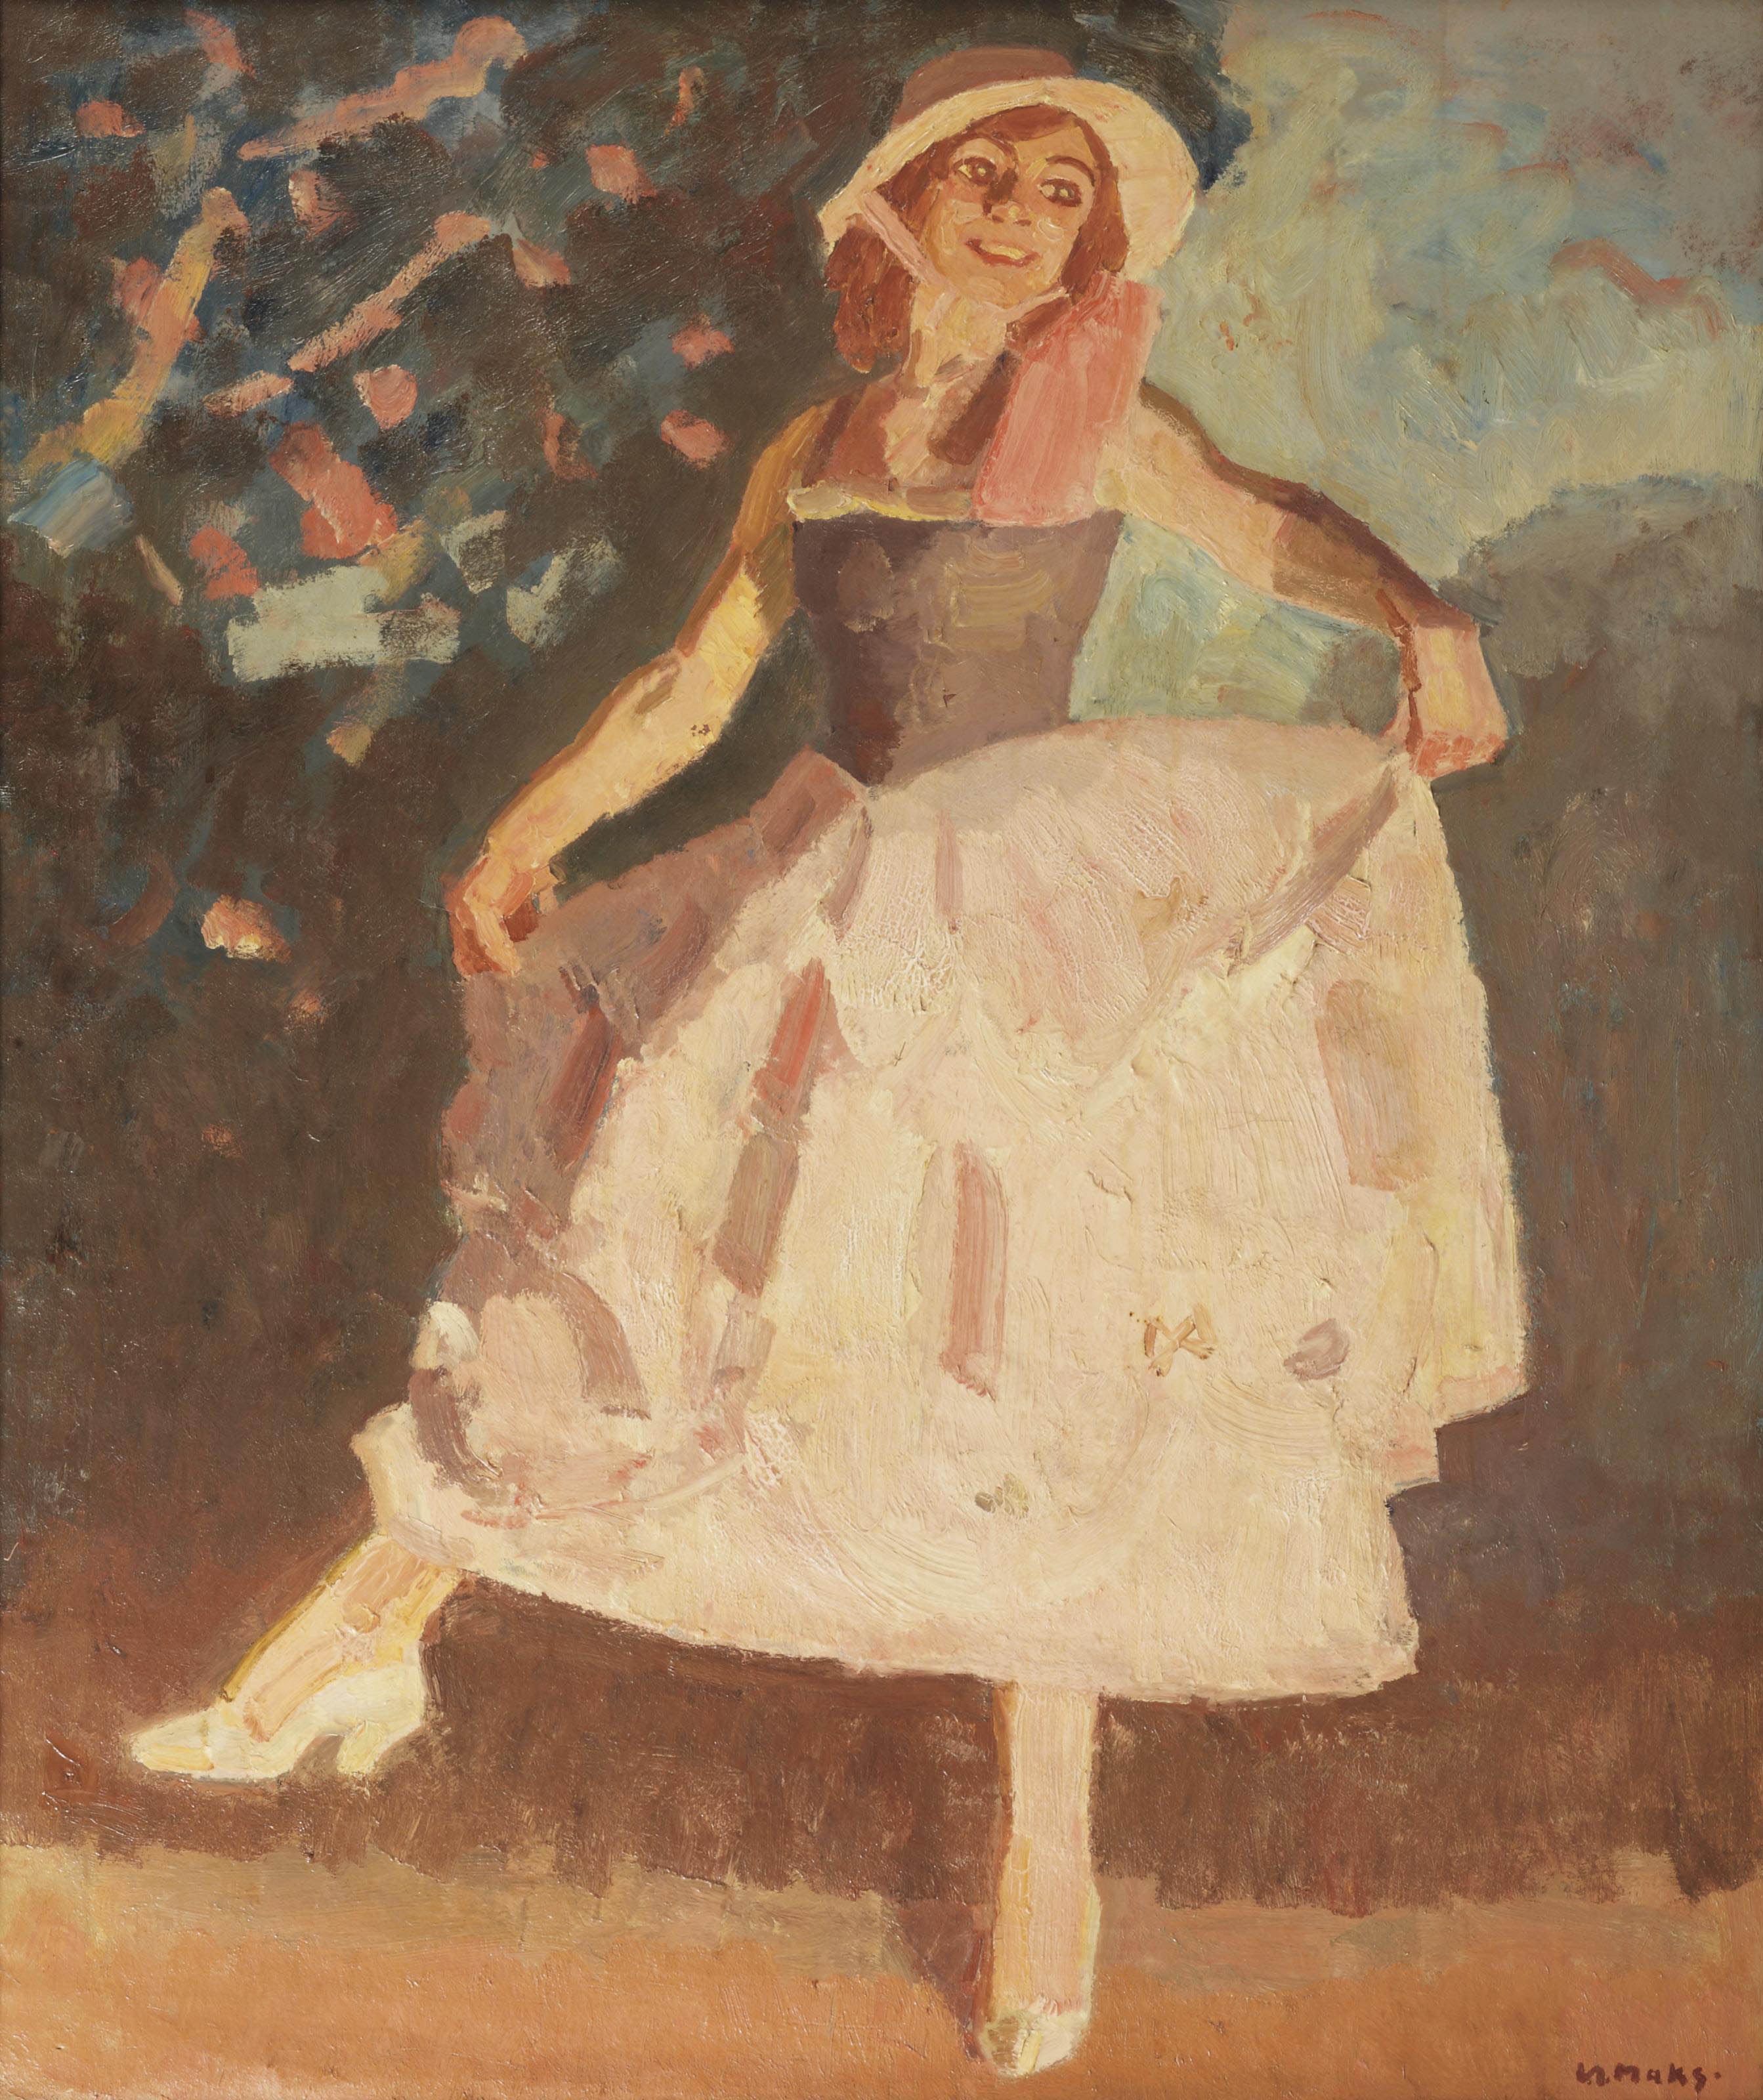 Female dancer